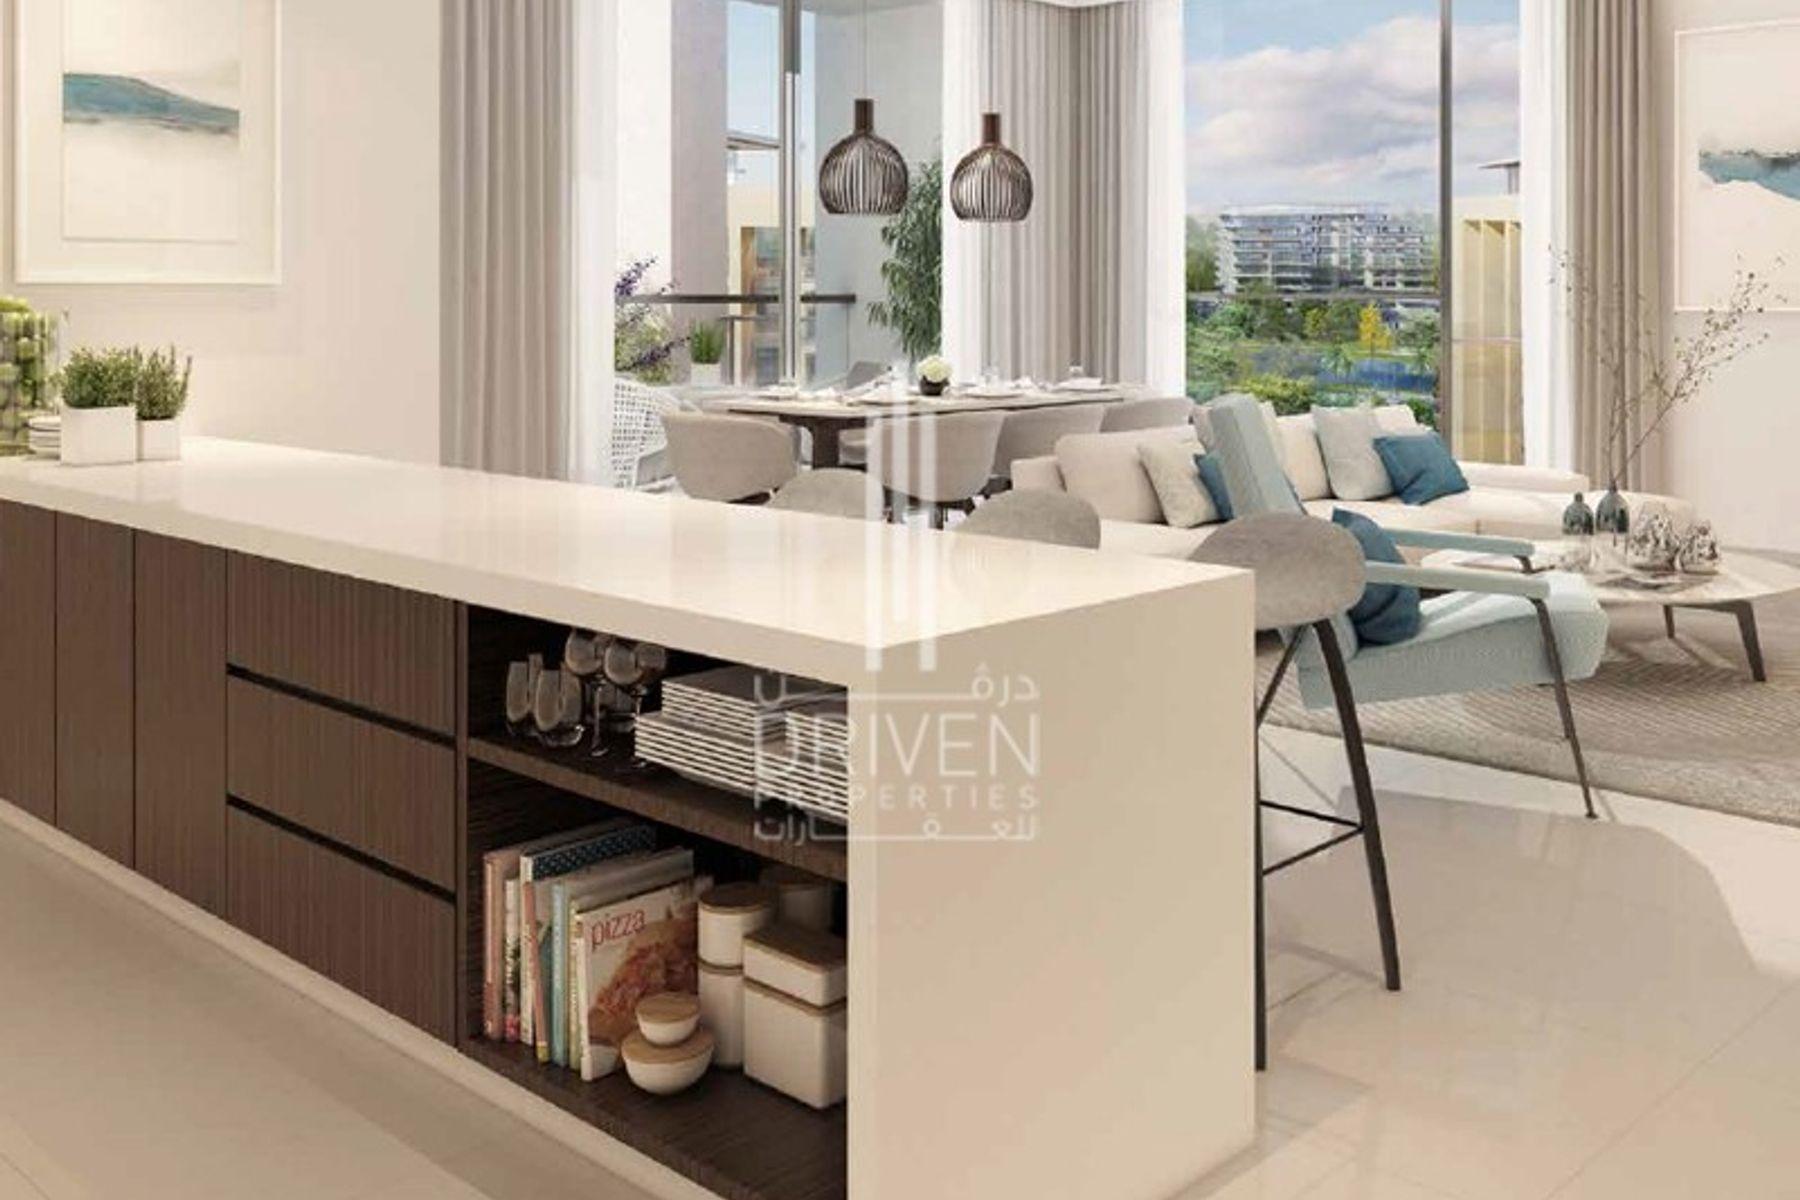 1,033 قدم مربع  شقة - للبيع - دبي هيلز استيت